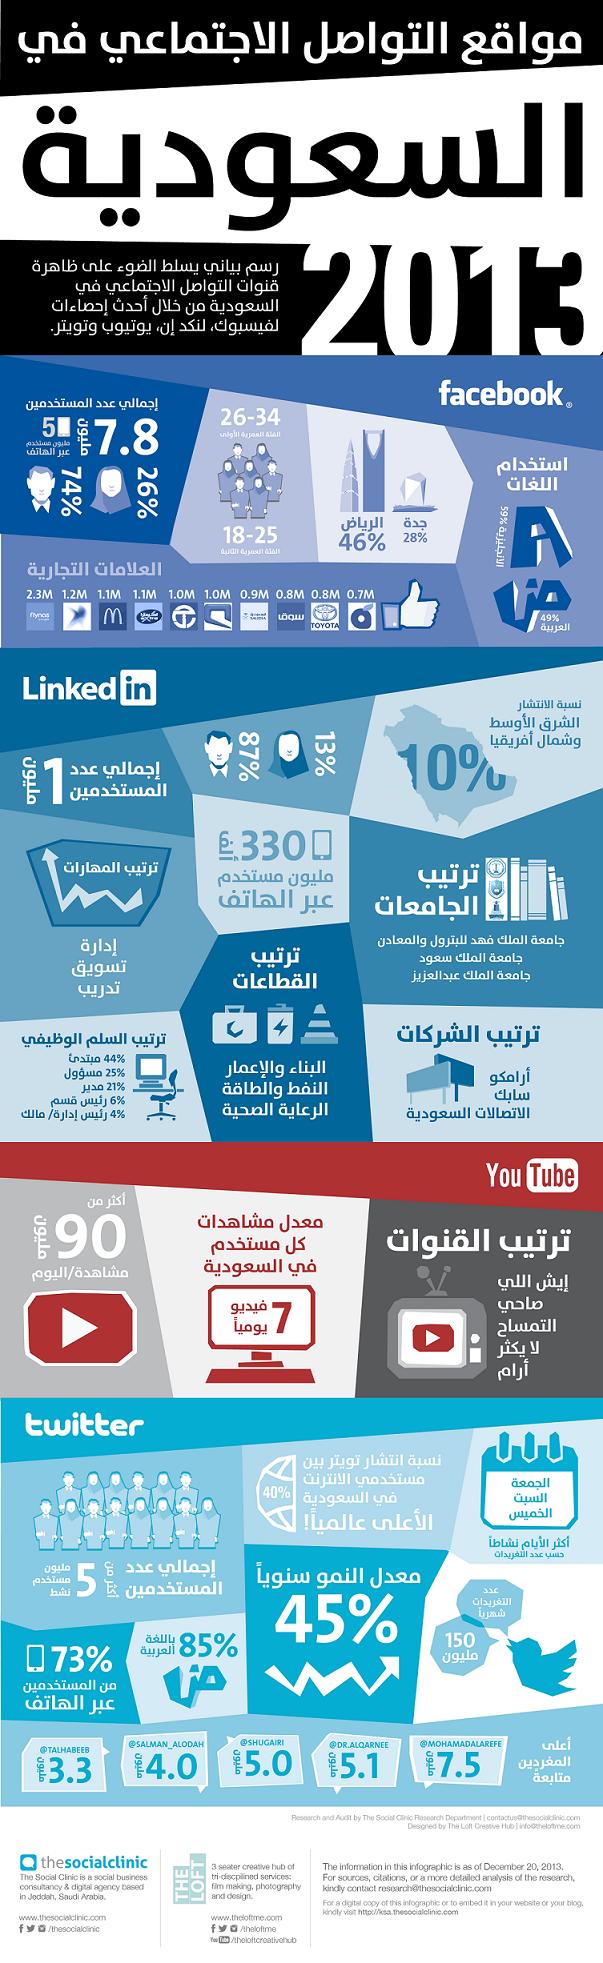 مواقع التواصل الاجتماعي في السعودية عام 2013 #انفوجرافيك